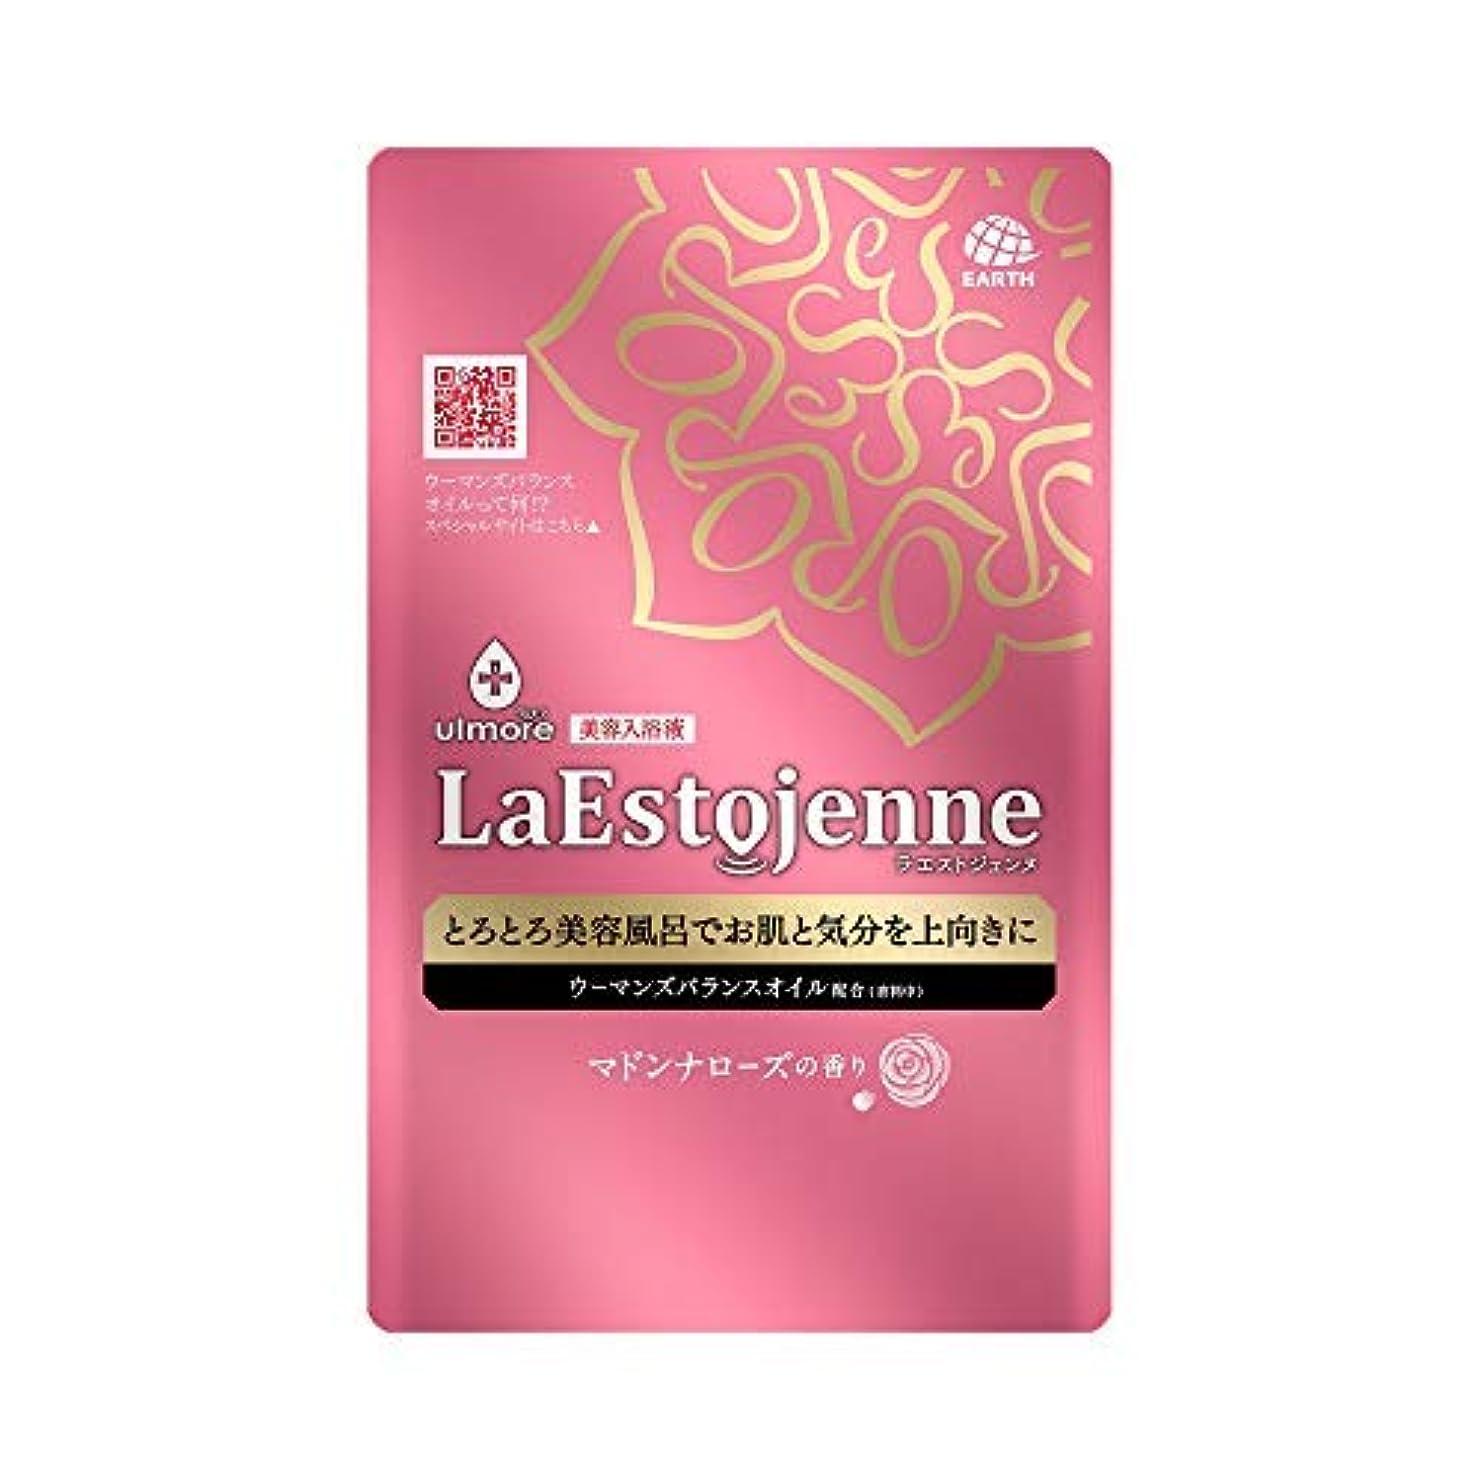 薄暗いスーパー電報ウルモア ラエストジェンヌ マドンナローズの香り 1包 × 12個セット